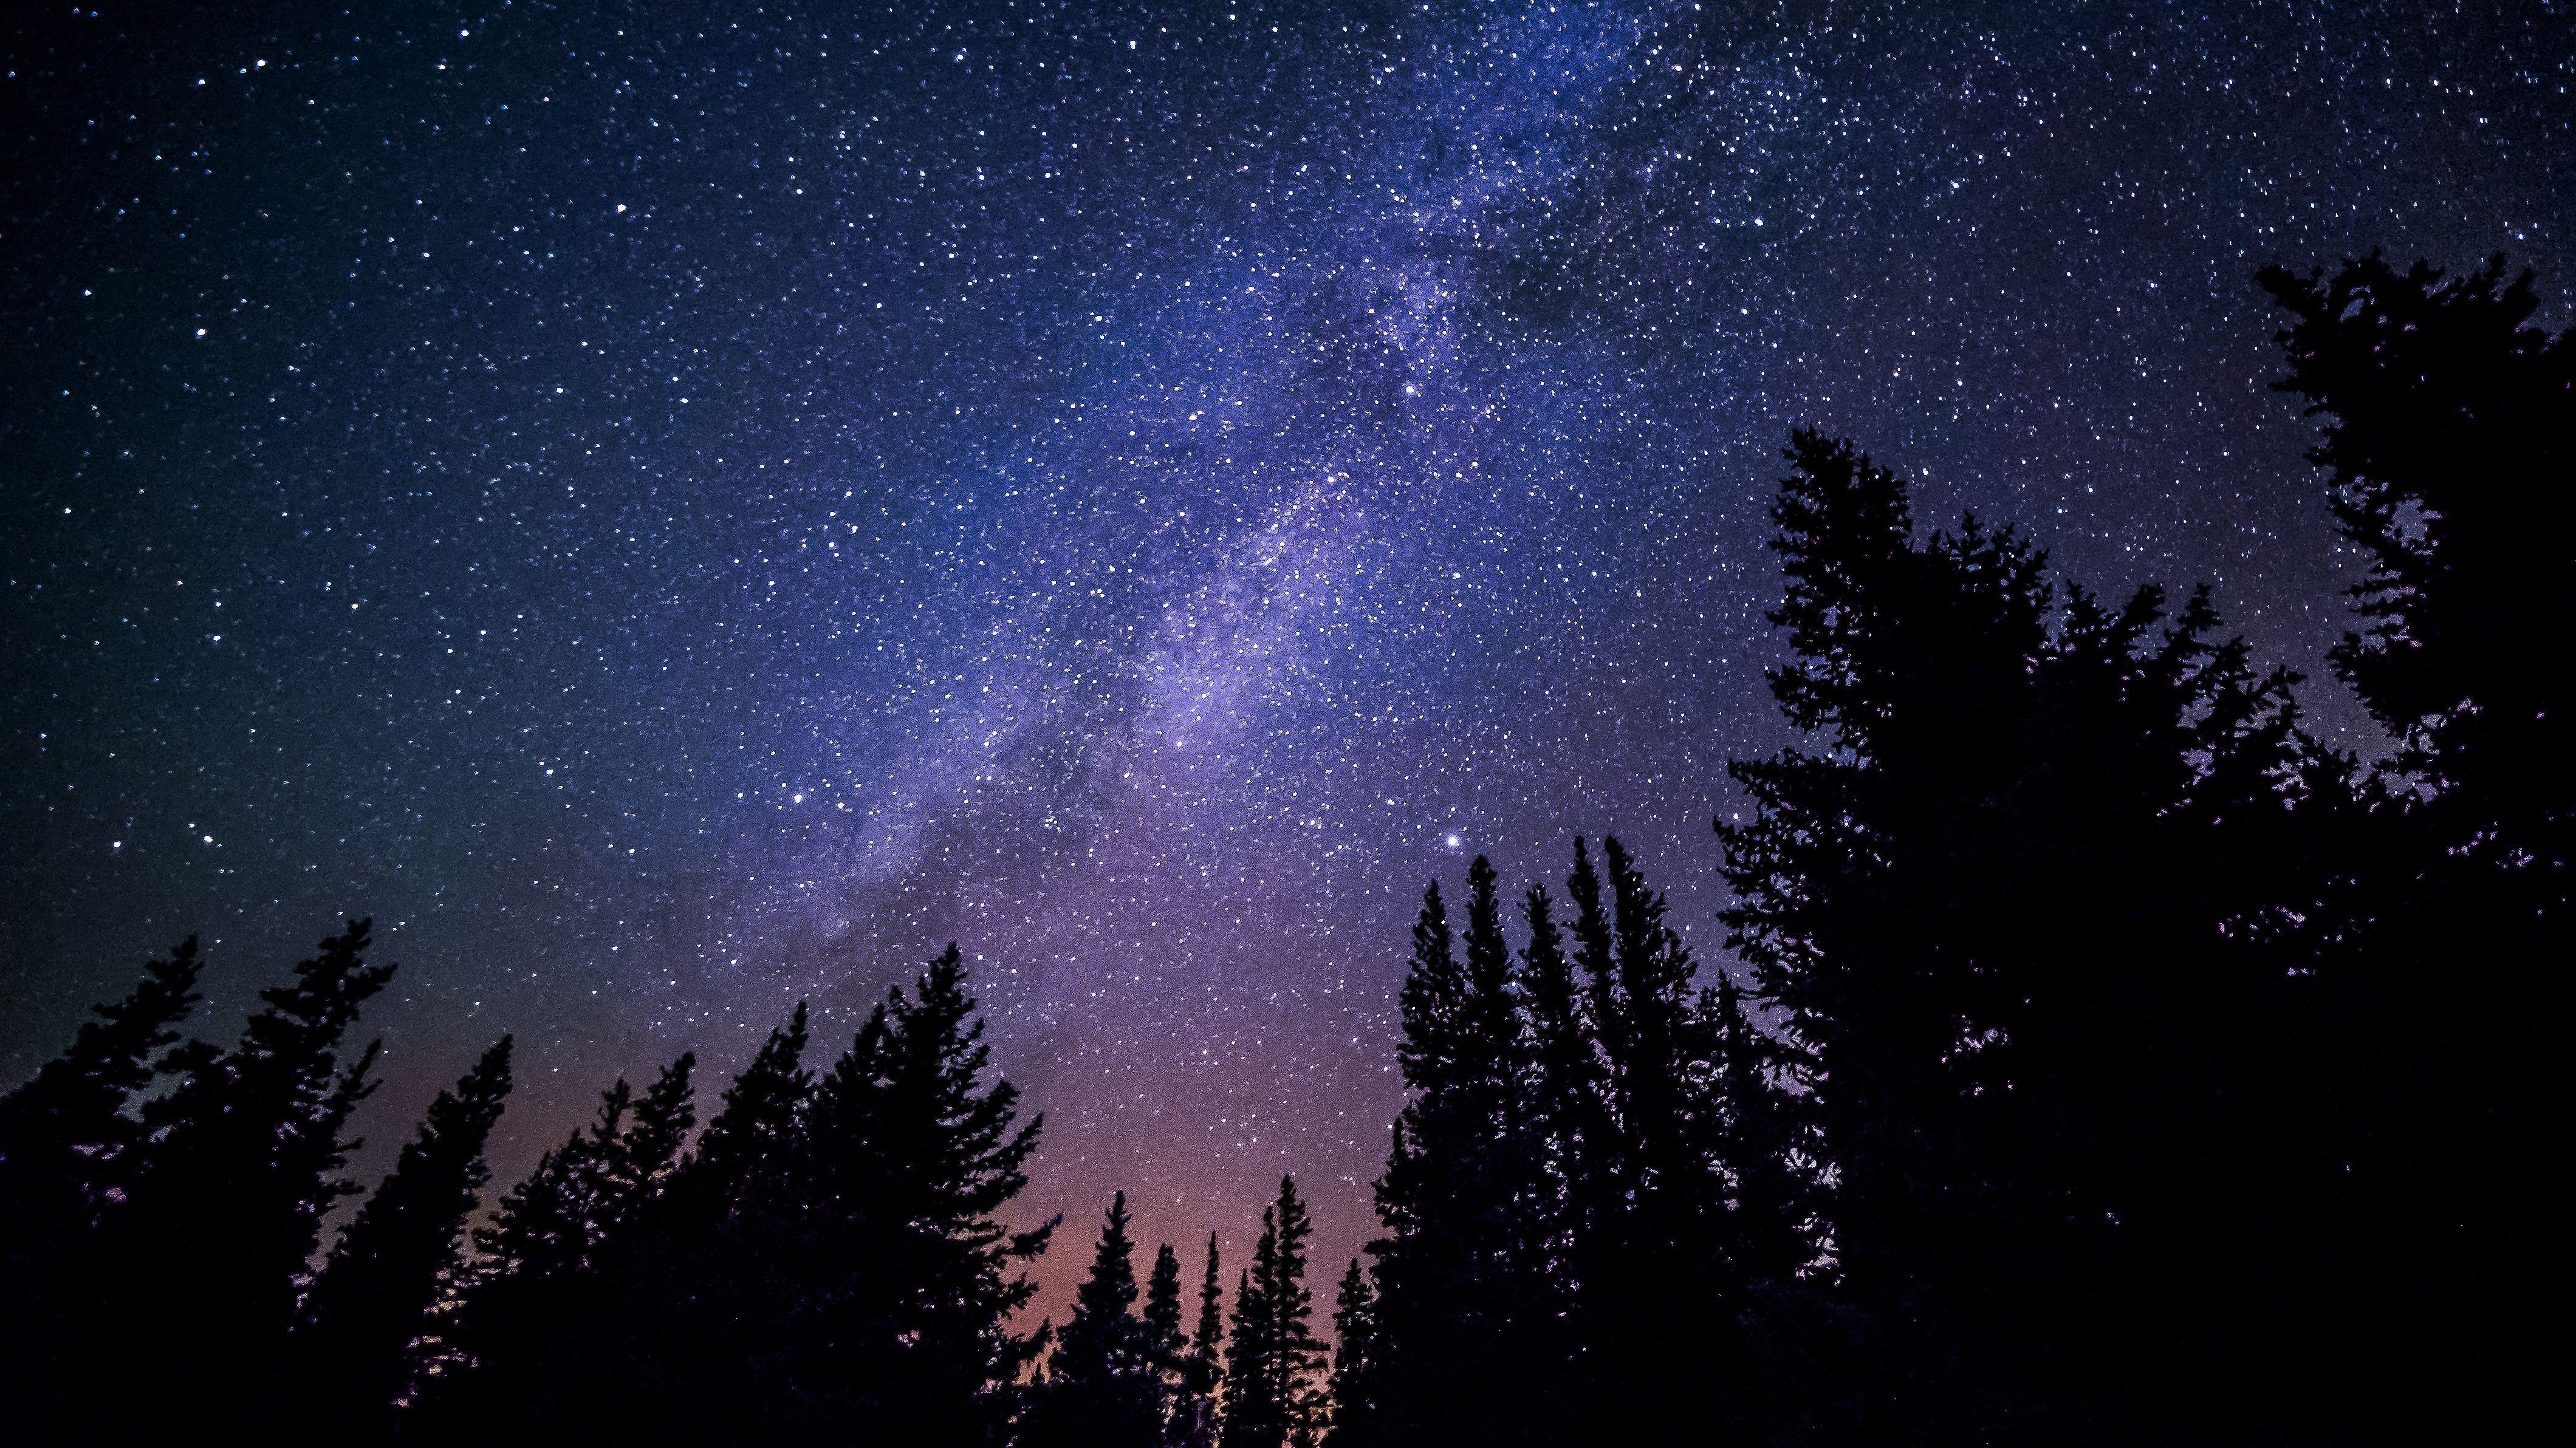 Night Sky Stars Background Nighttime Sky Night Sky Stars Milky Way Photos